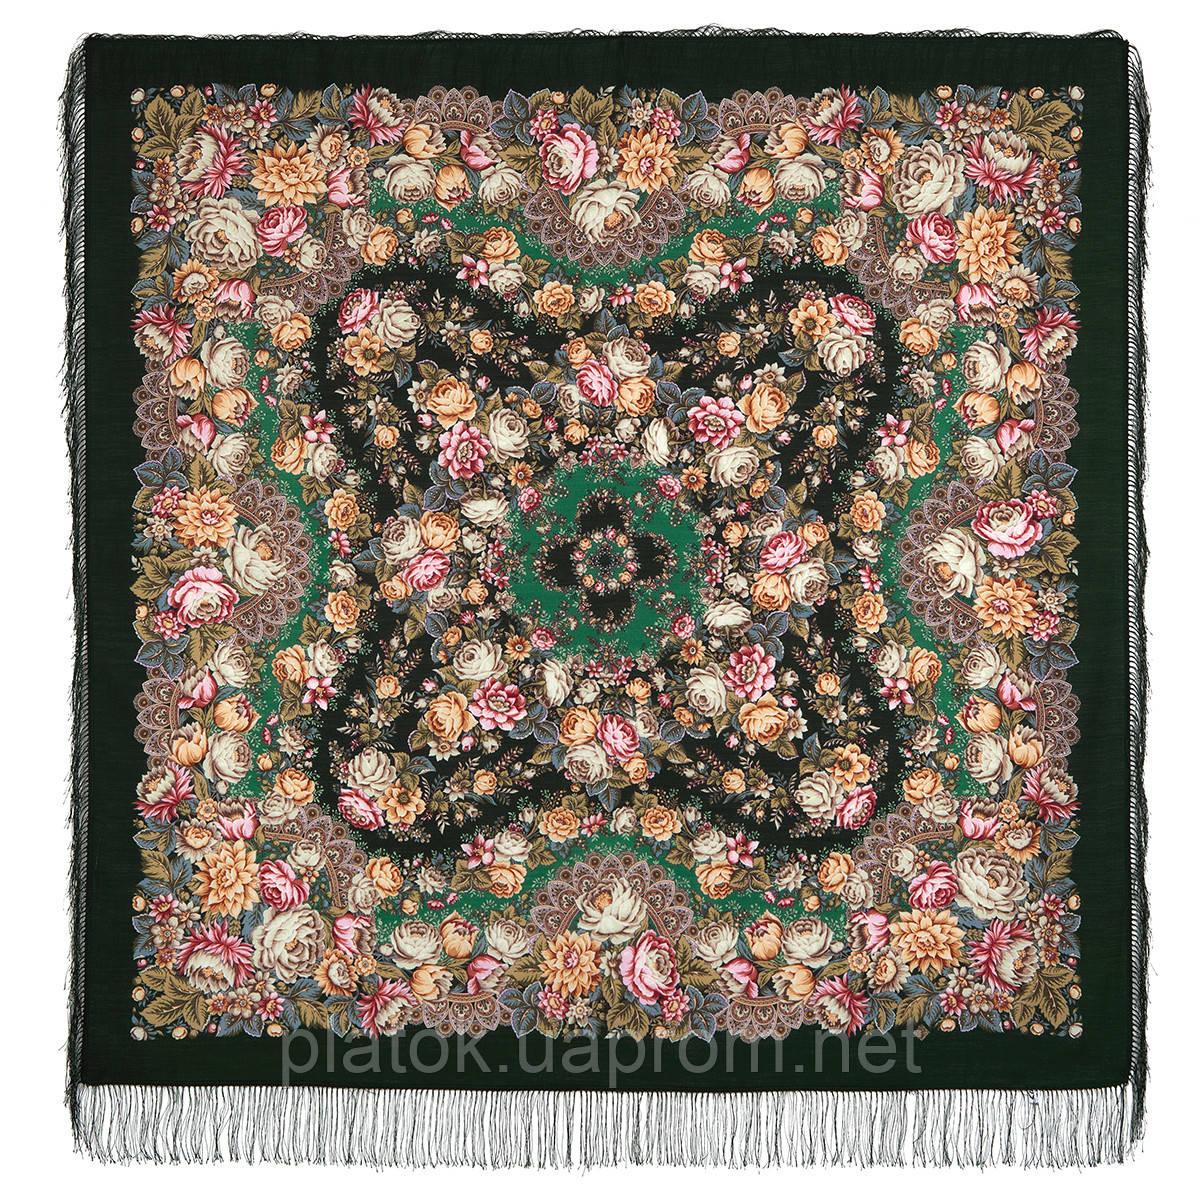 Цветочные бусы 1797-9, павлопосадский платок шерстяной  с шелковой бахромой